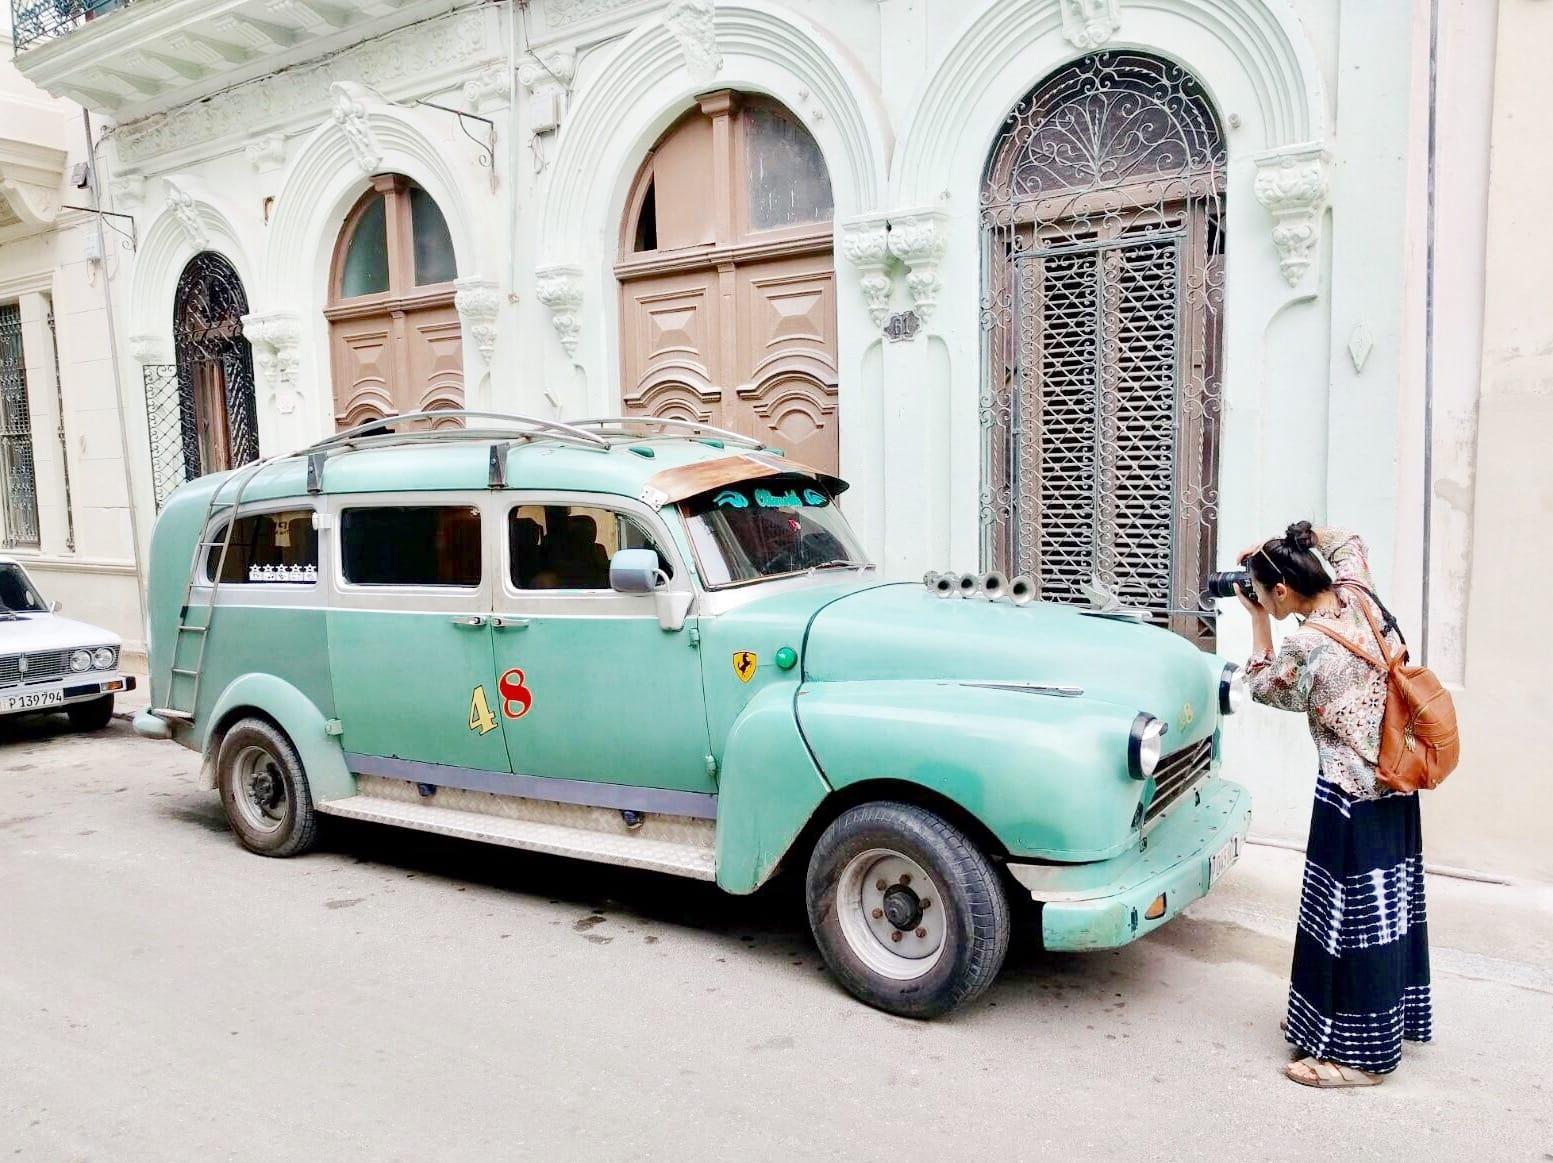 Cuba Travel Photos + Tips